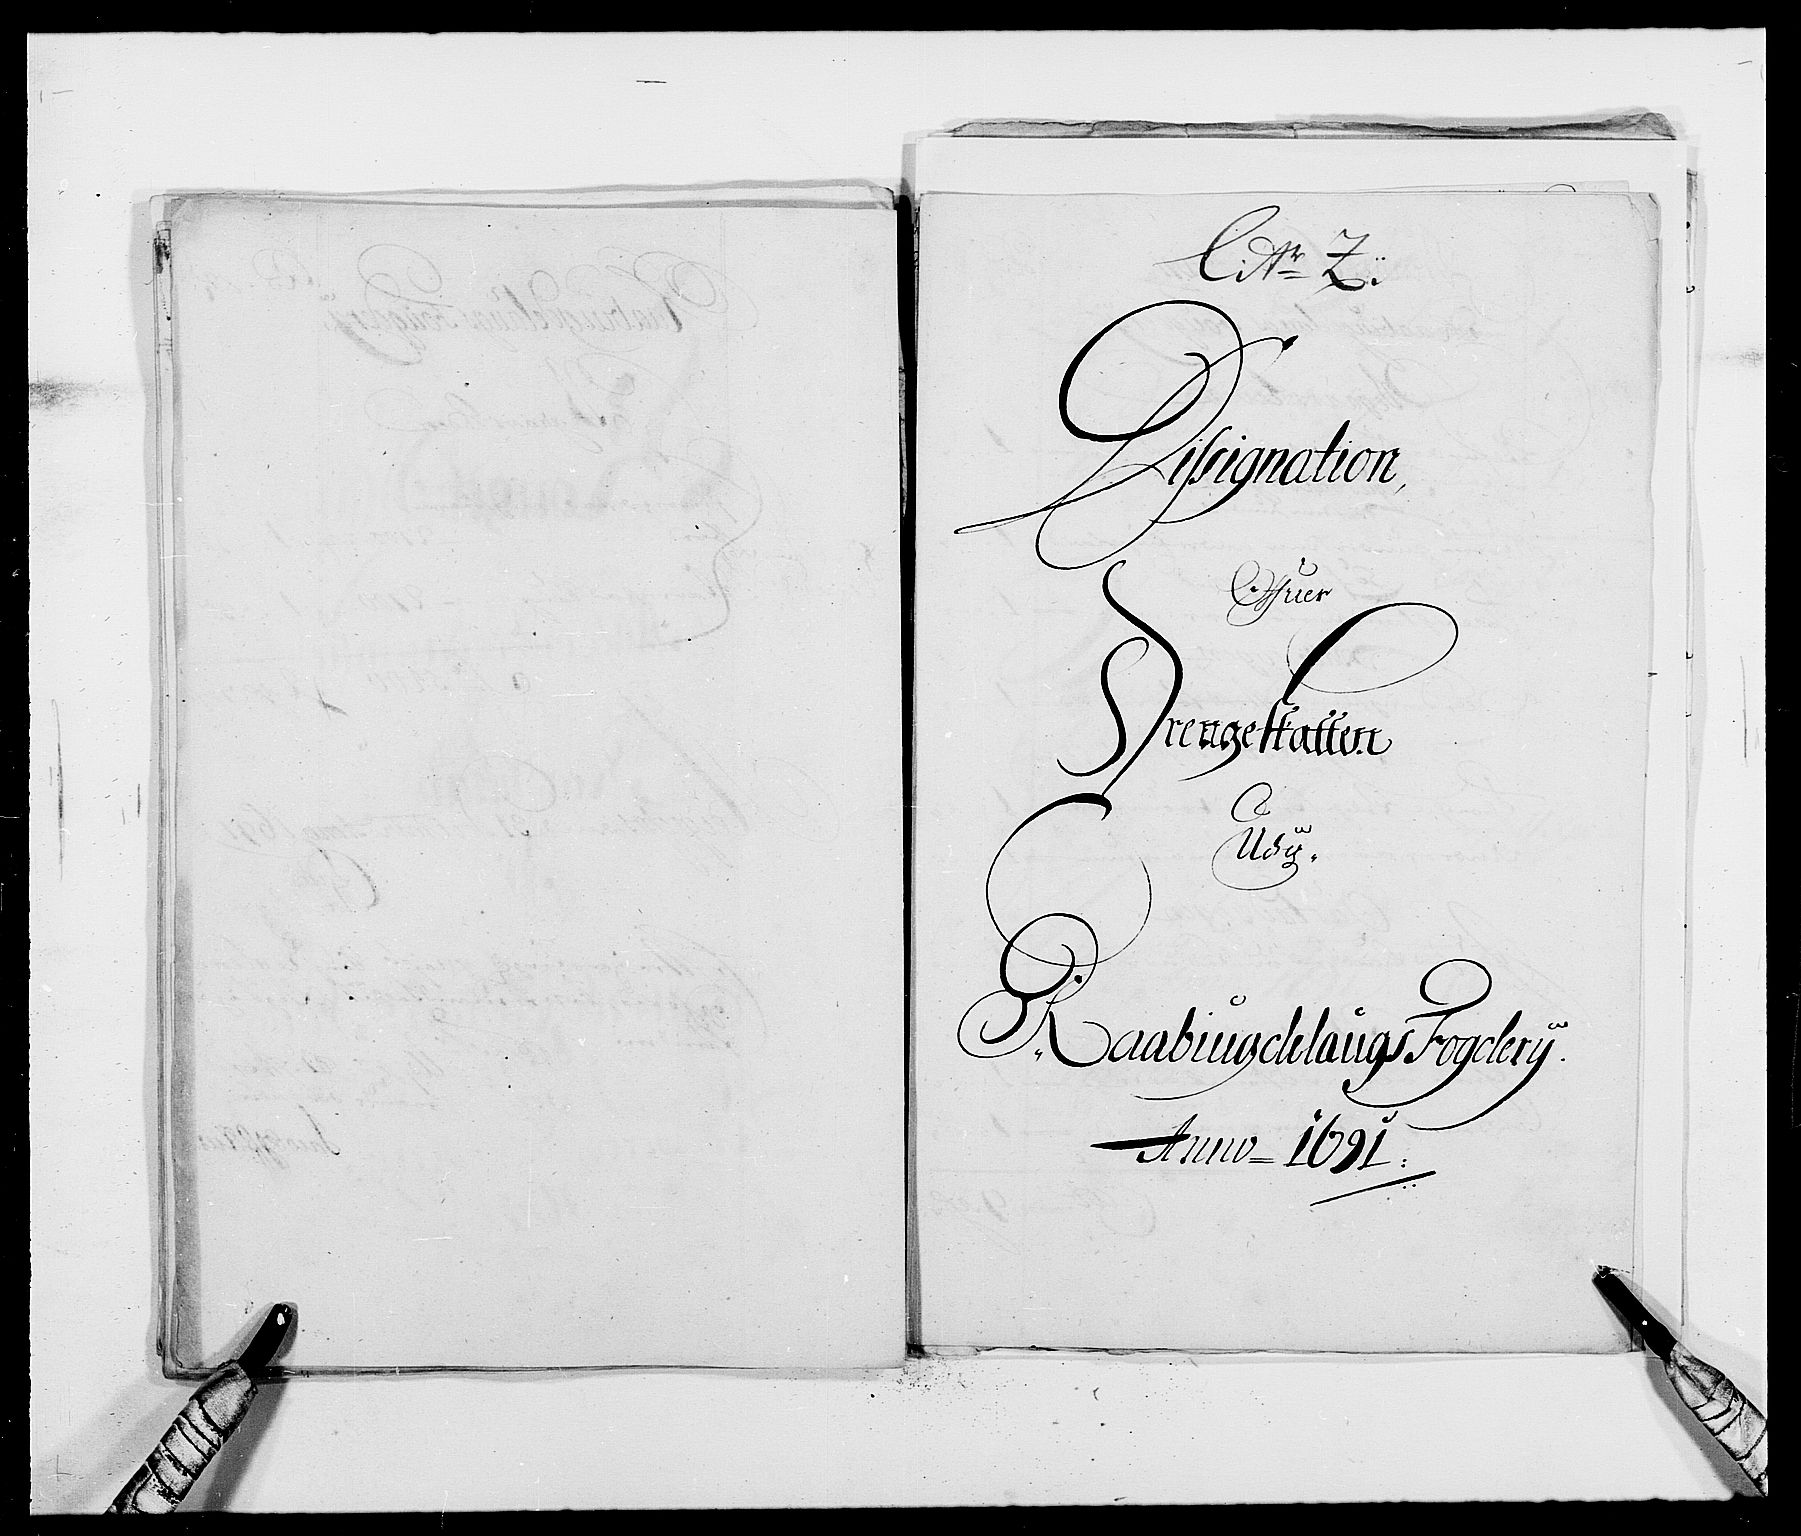 RA, Rentekammeret inntil 1814, Reviderte regnskaper, Fogderegnskap, R40/L2443: Fogderegnskap Råbyggelag, 1691-1692, s. 53